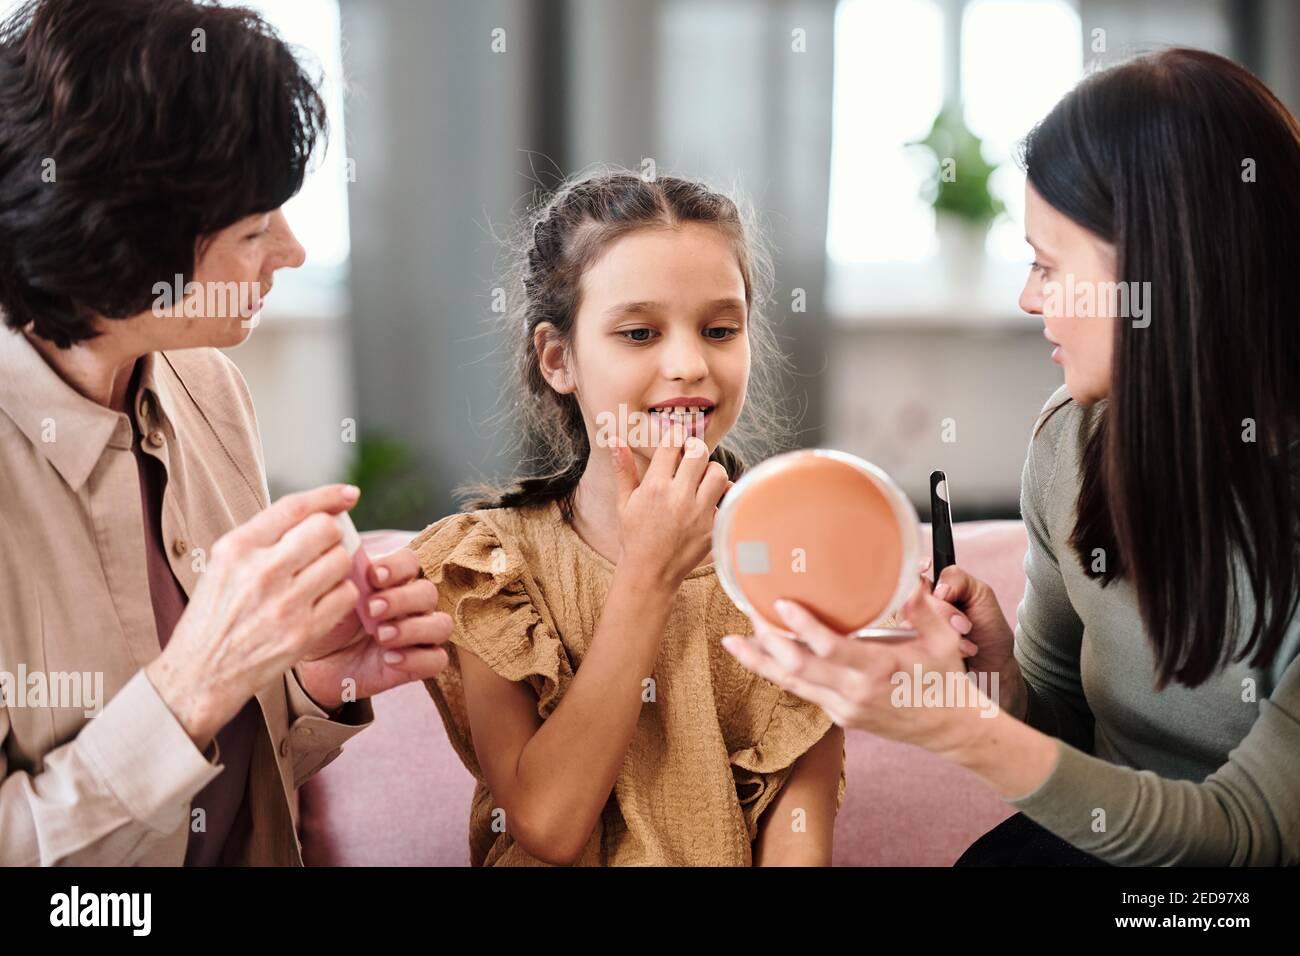 Jolie petite fille en robe appliquant un baume nutritif sur les lèvres tout en regardant dans le miroir tenu par la jeune femme brunette donnant ses conseils de beauté Banque D'Images